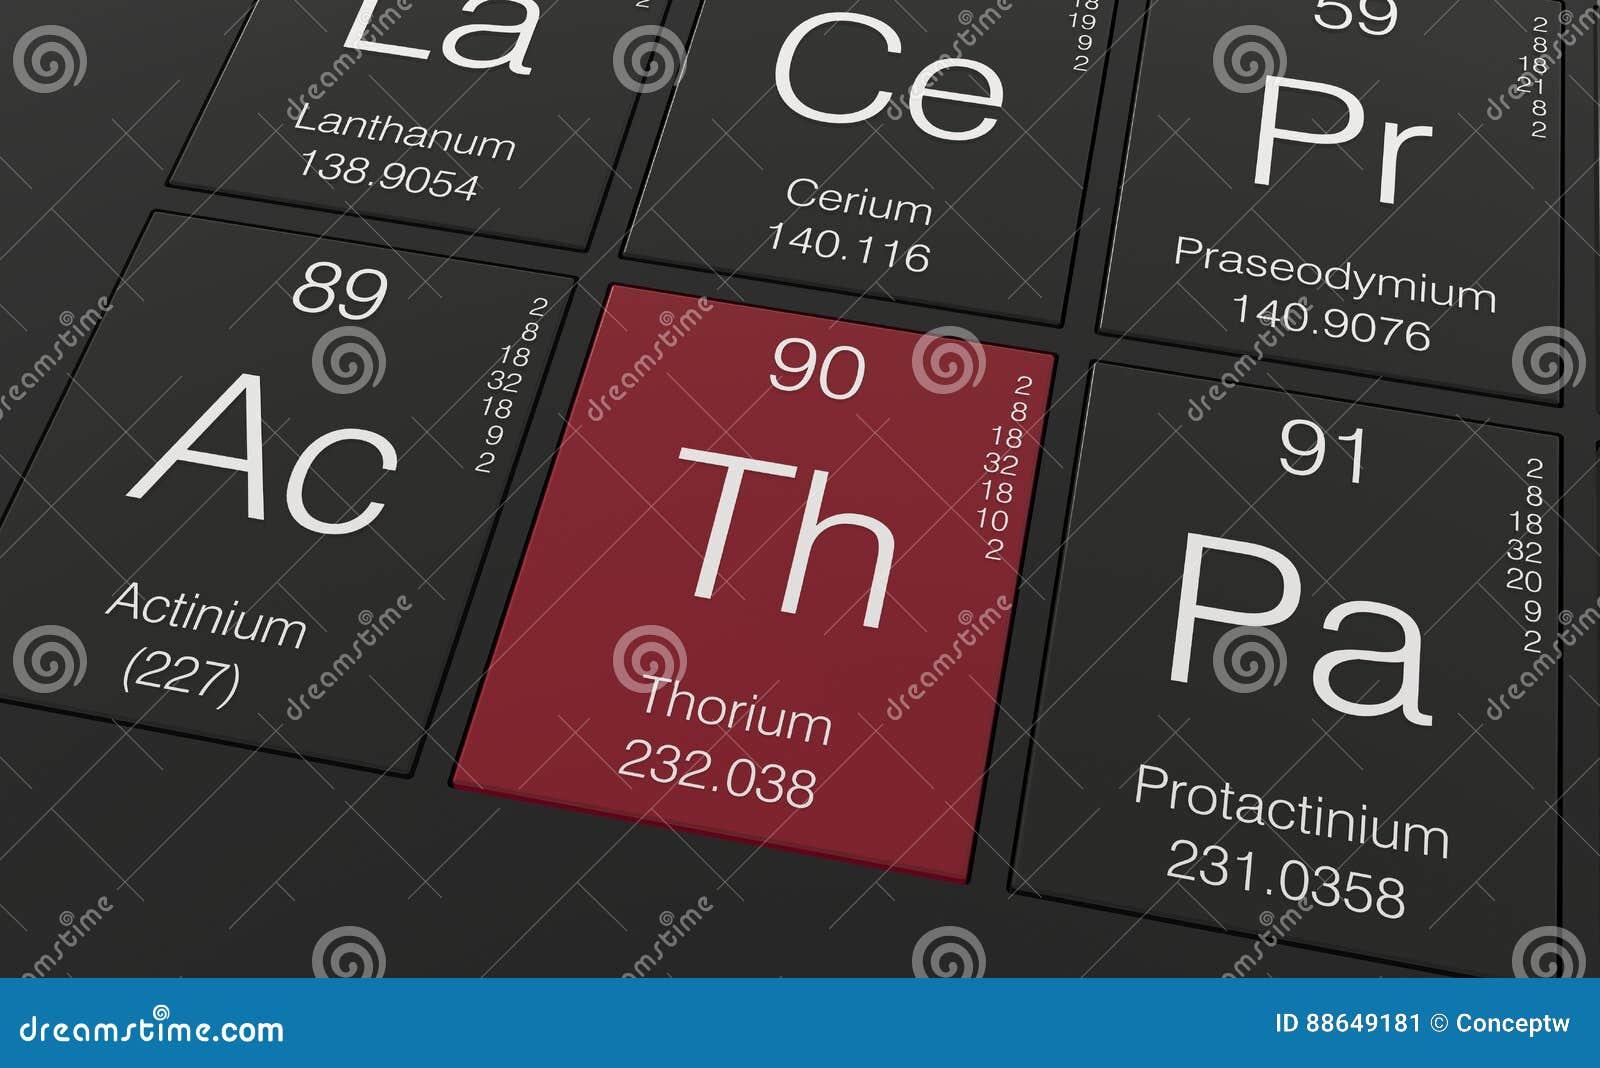 Thorium Element From Periodic Table Stock Illustration